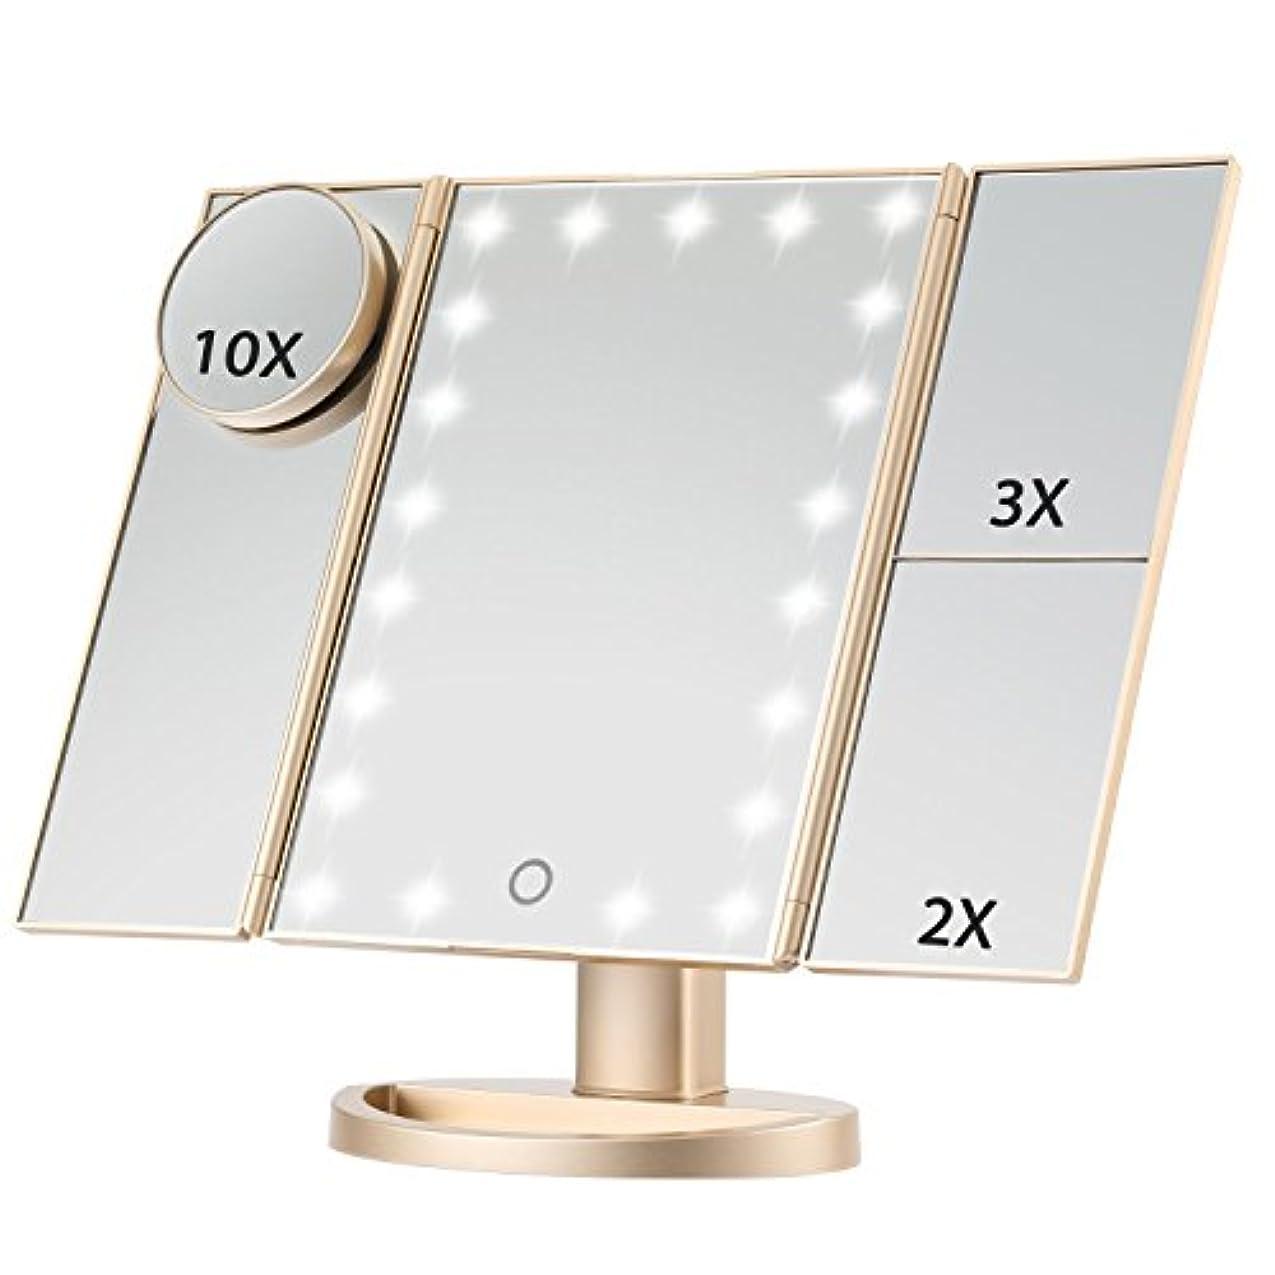 作者宿泊十億Magicfly 化粧鏡 LED三面鏡 ミラー 折り畳み式 10X /3X/2X拡大鏡付き 明るさ調節可能180°回転 電池/USB 2WAY給電 (ゴルード)